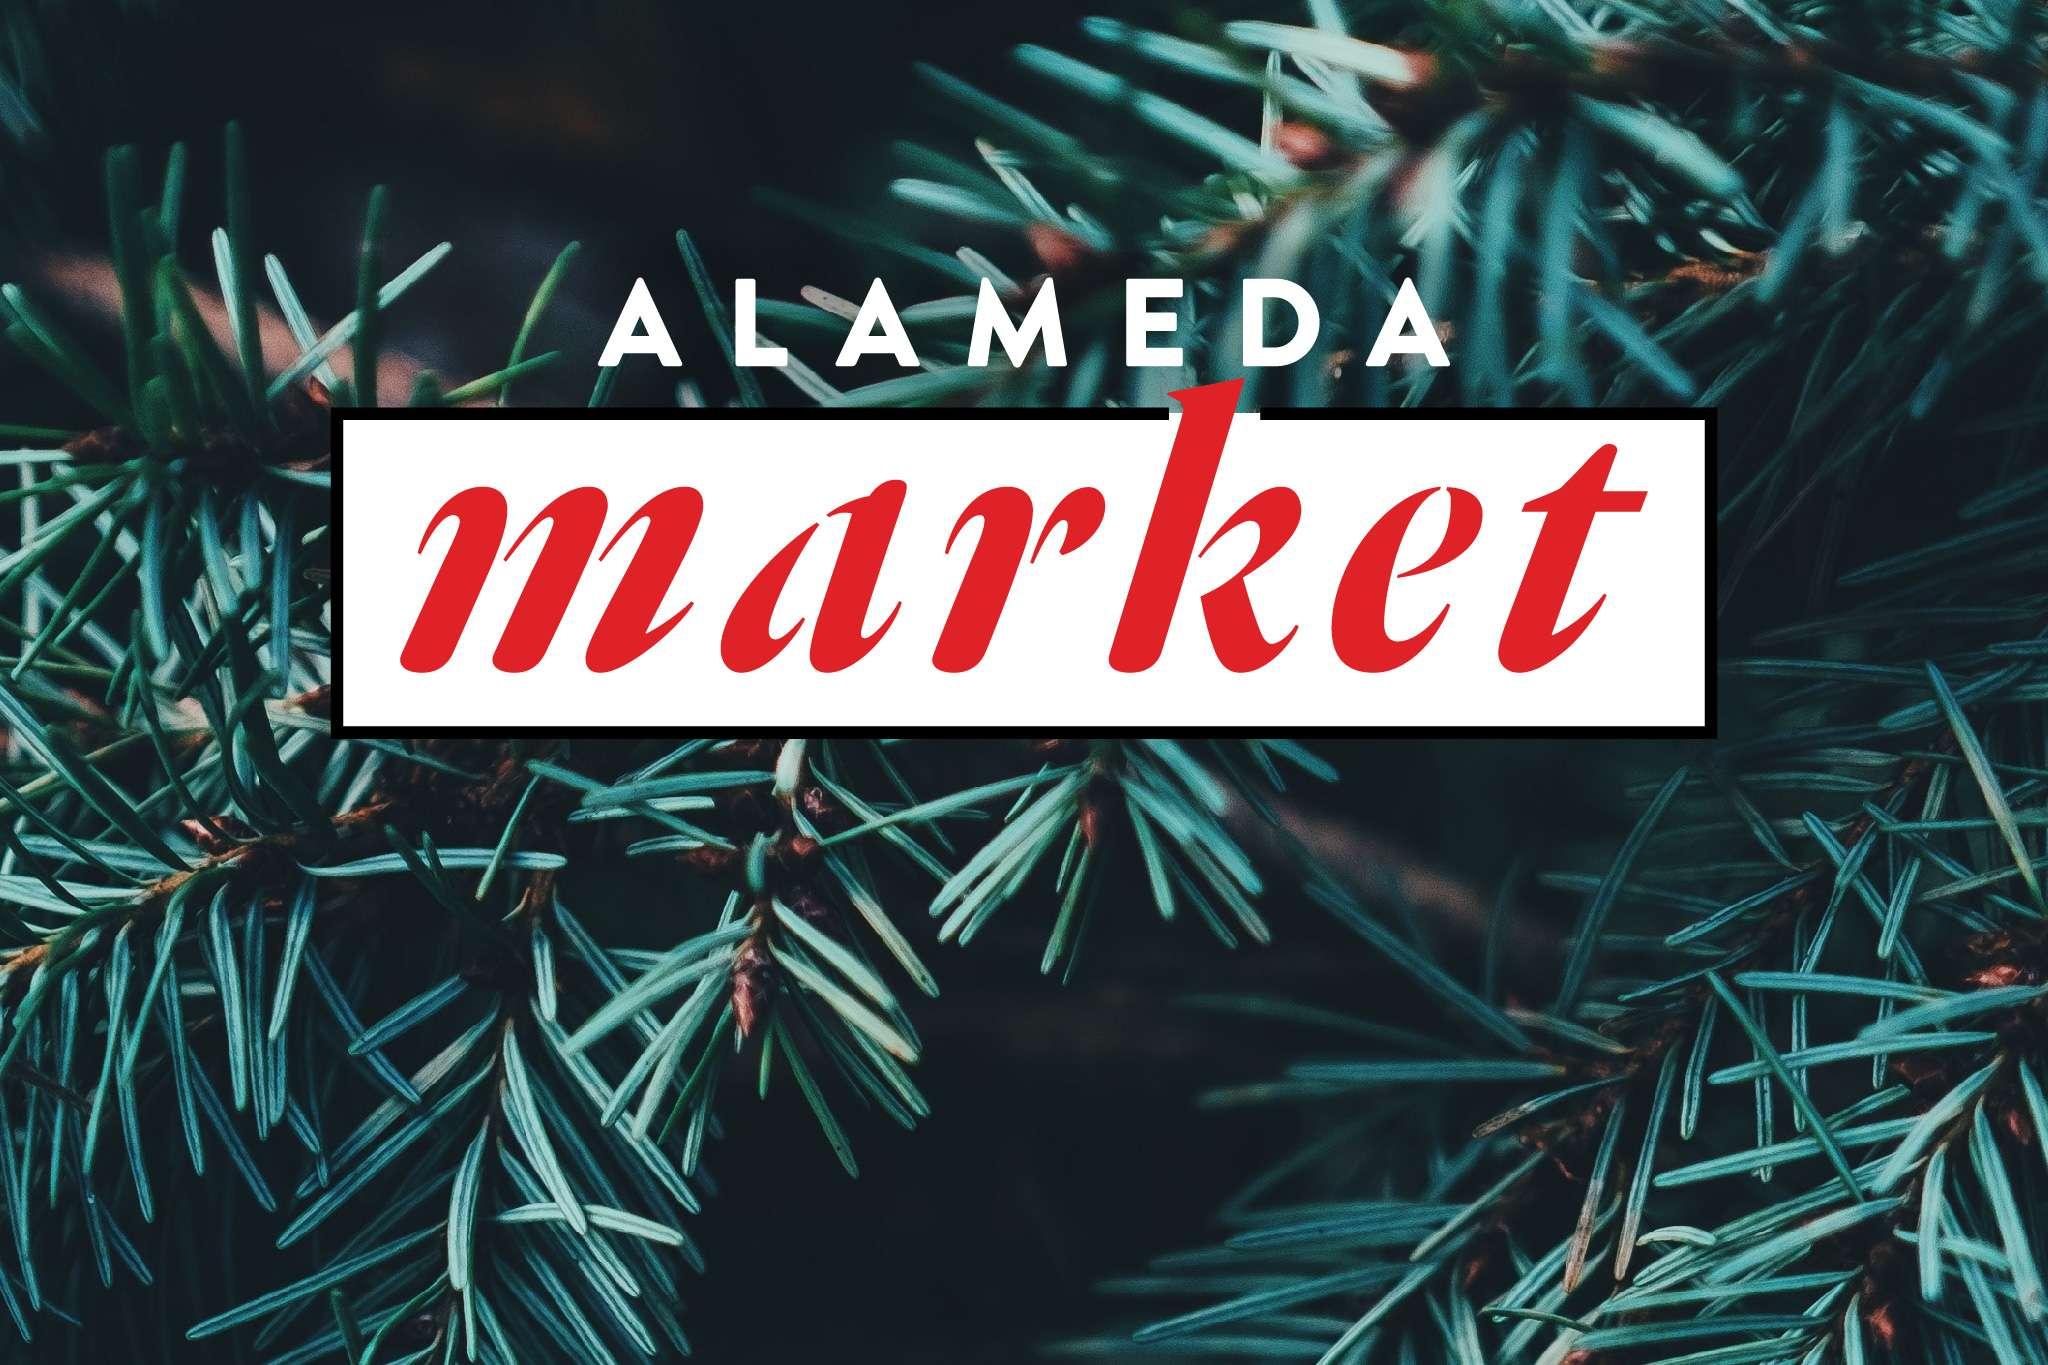 https://alamedamarket.pt/wp-content/uploads/2019/11/Bannerprincipal_AlamedaMarket_Natal-02.jpg